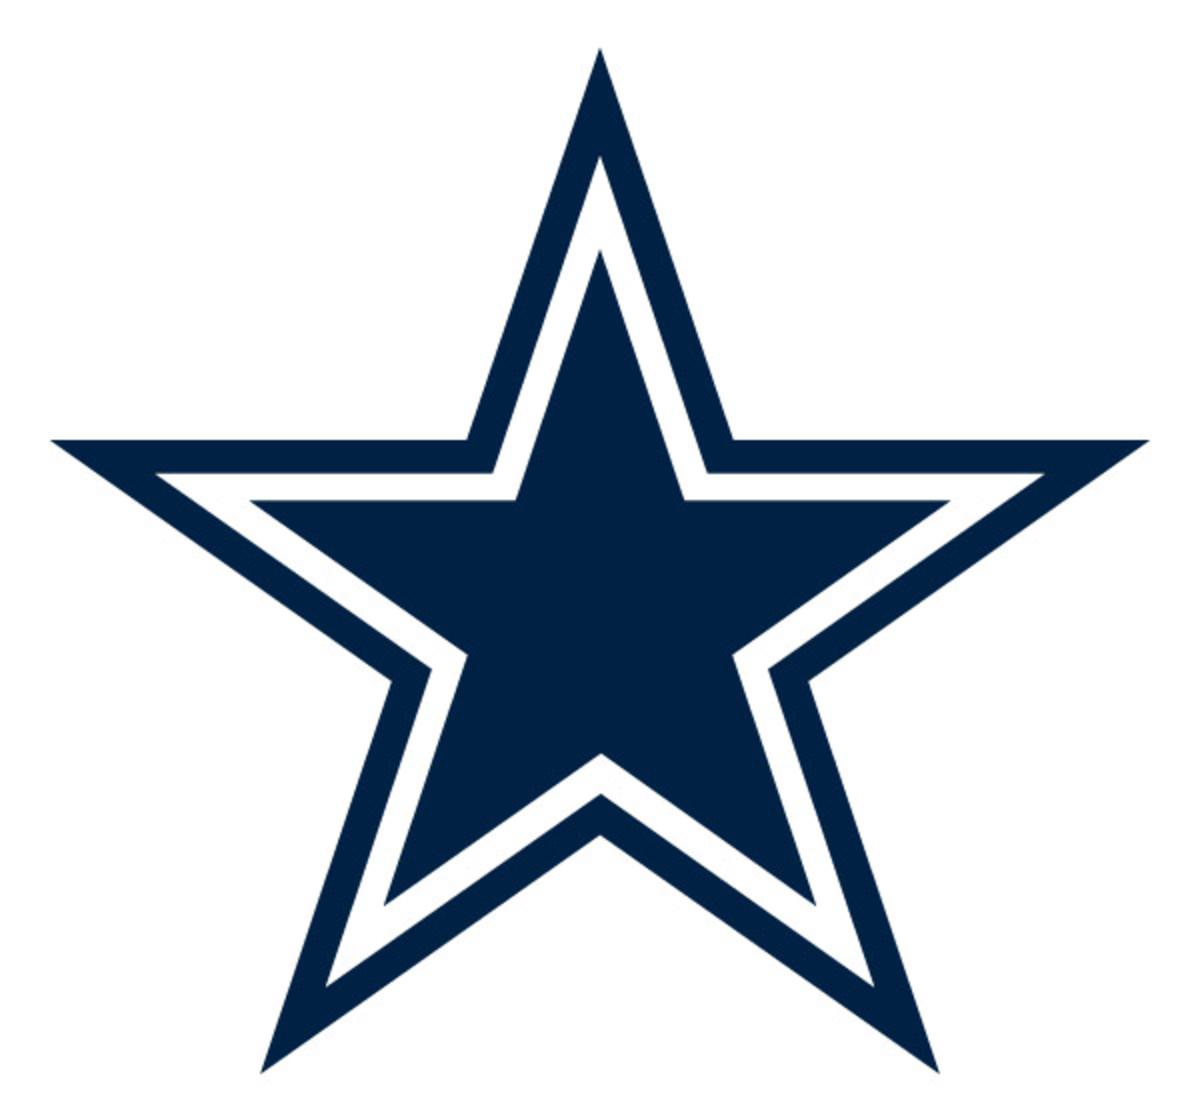 Dallas Cowboys 2019 Schedule